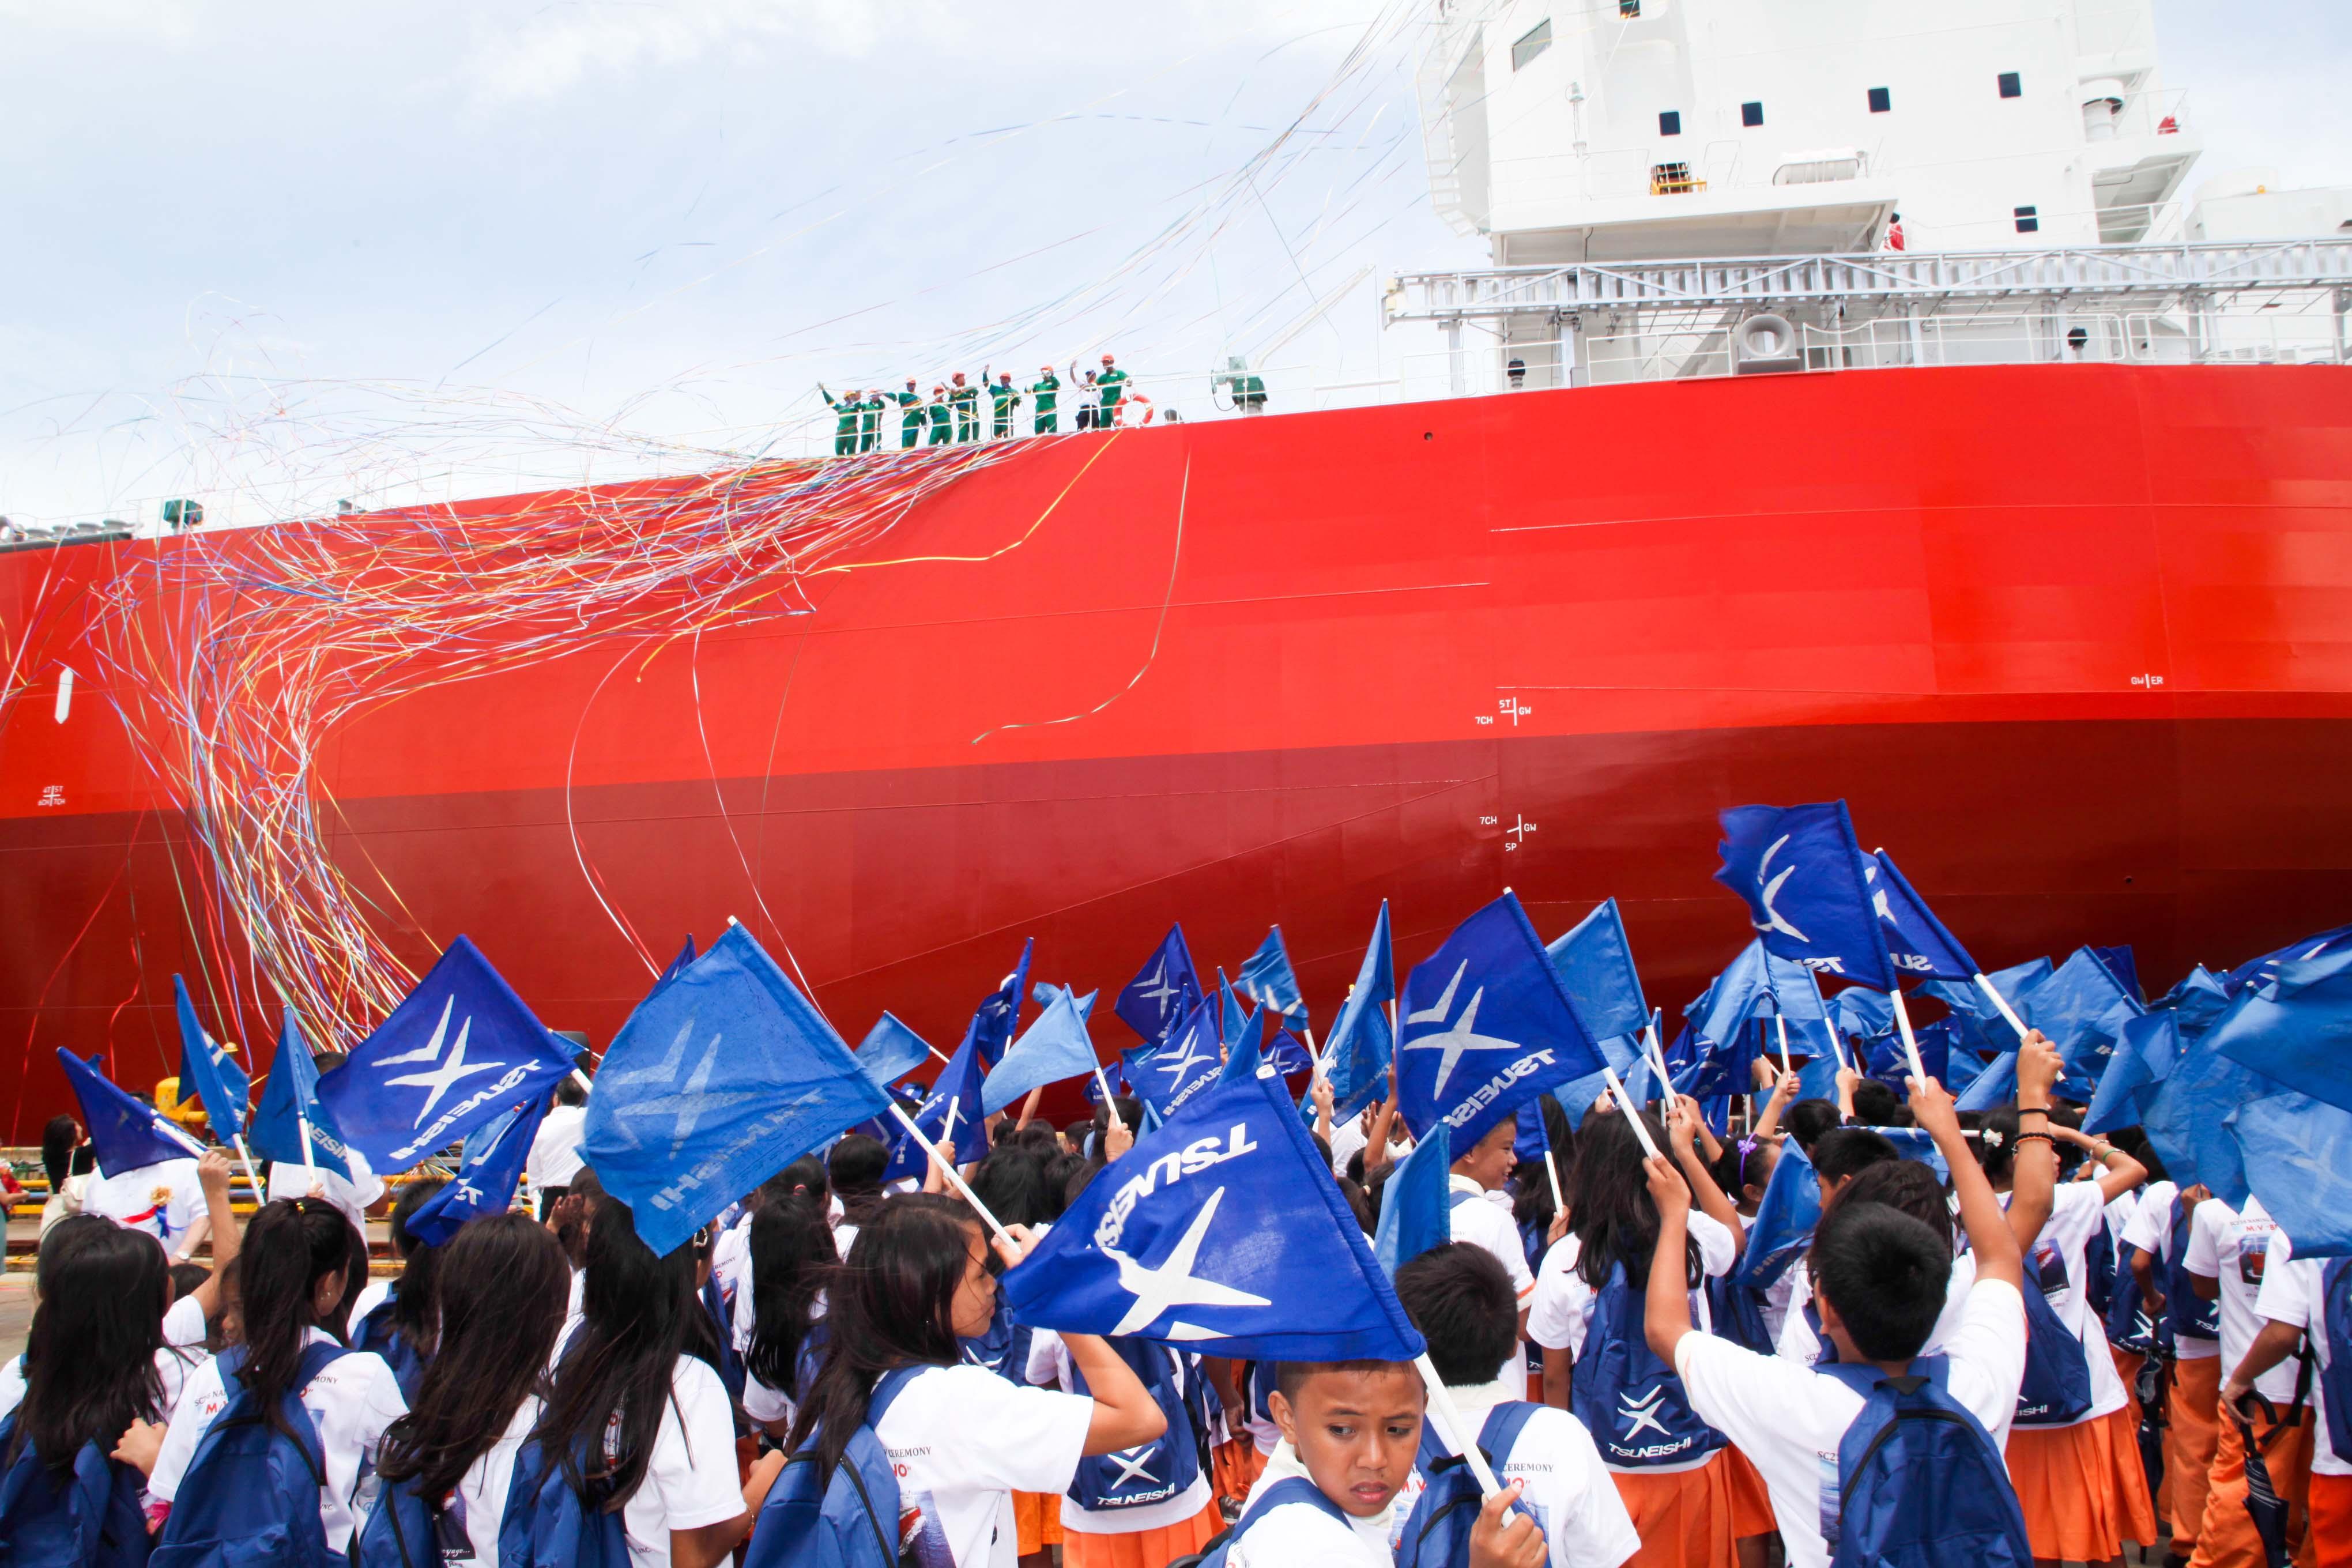 首艘船舶竣工以来约18年,建造总计超过200艘、为菲律宾的造船业发展作出了贡献~TSUNEISHI HEAVY INDUSTRIES (CEBU), Inc.